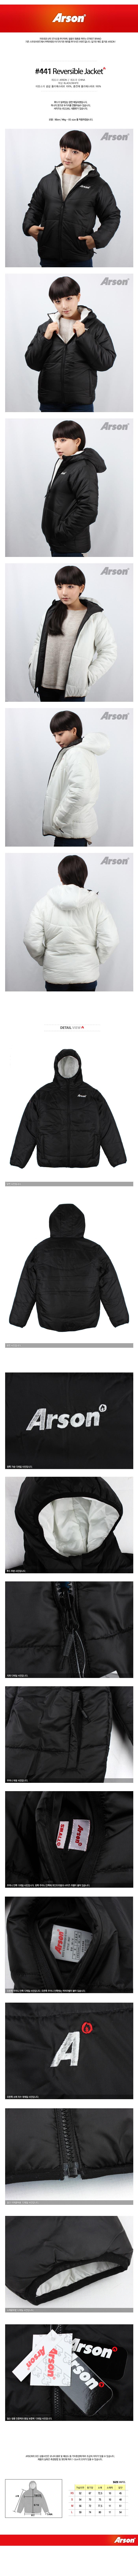 [ ARSON ] [纵火]真正的纵火案 441 可逆的夹克(黑色白色)冬季填充跳线软垫外套